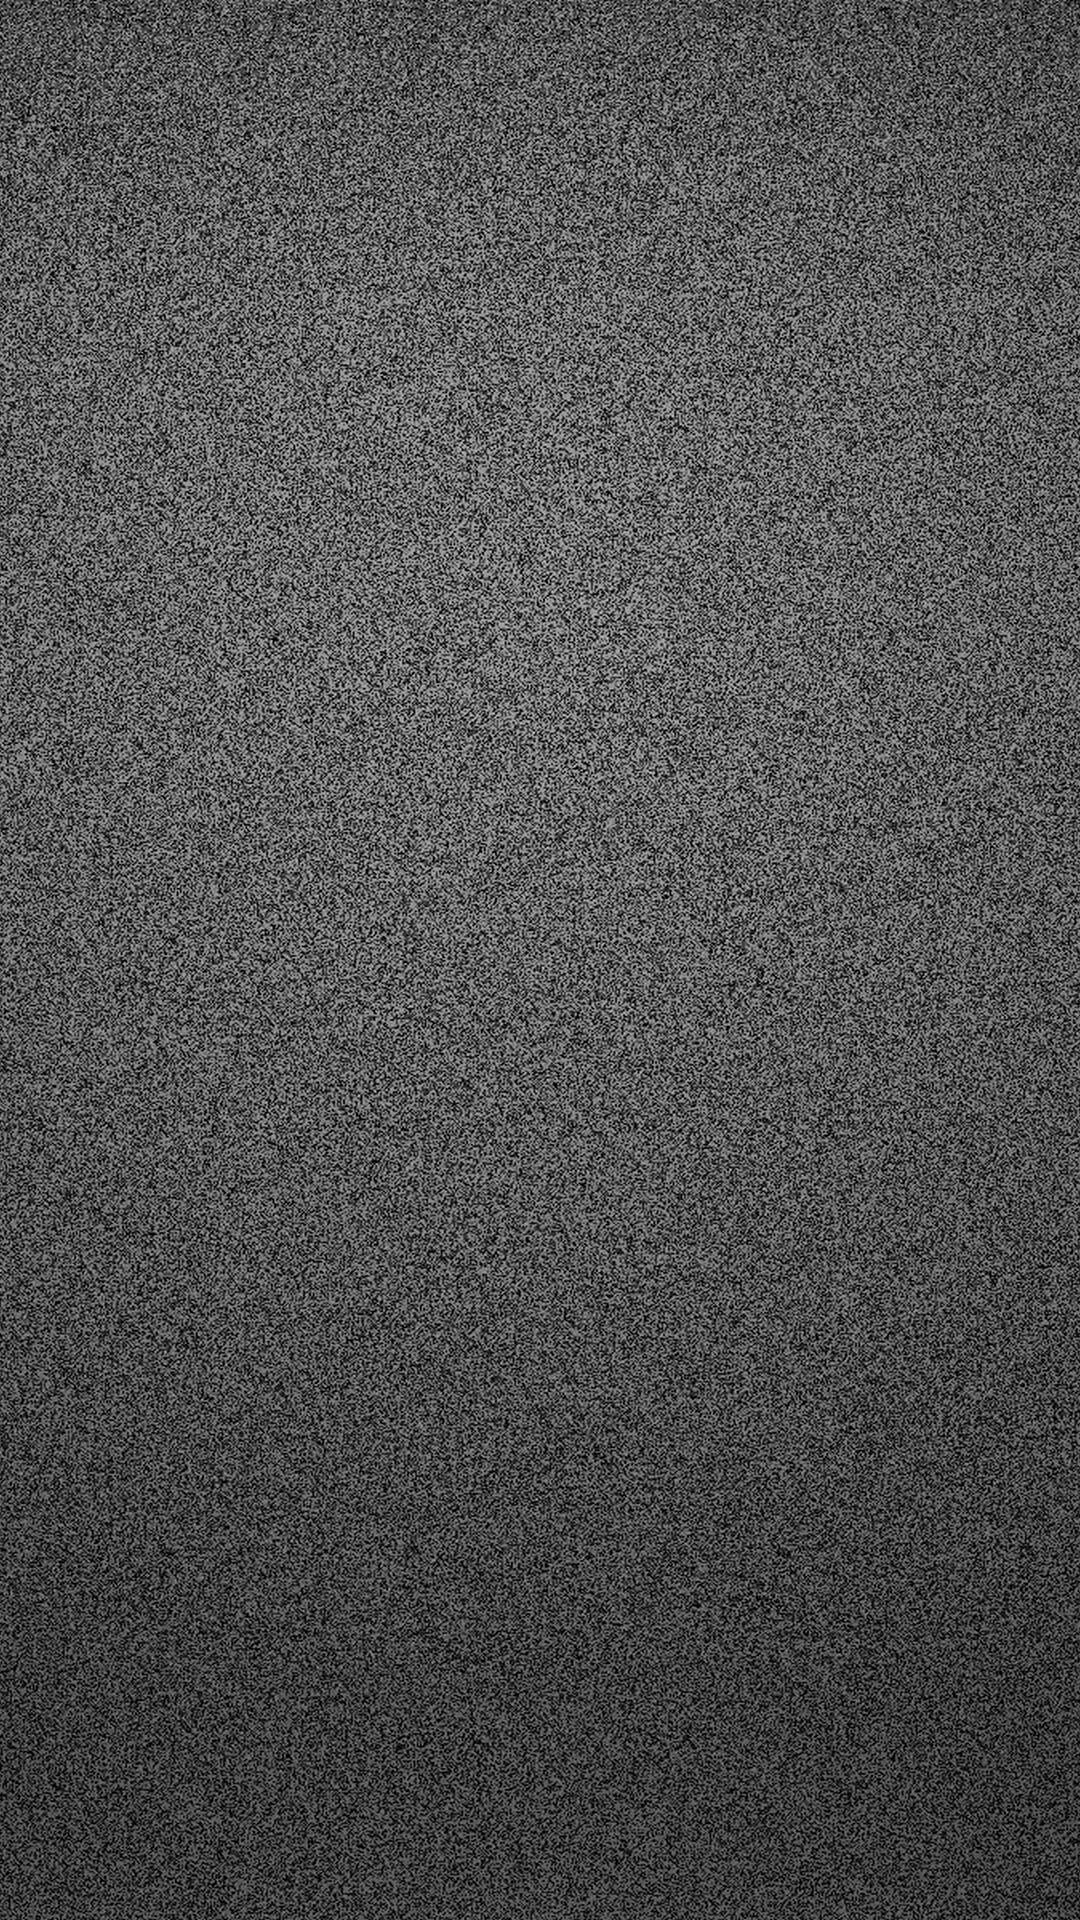 Gray iphone